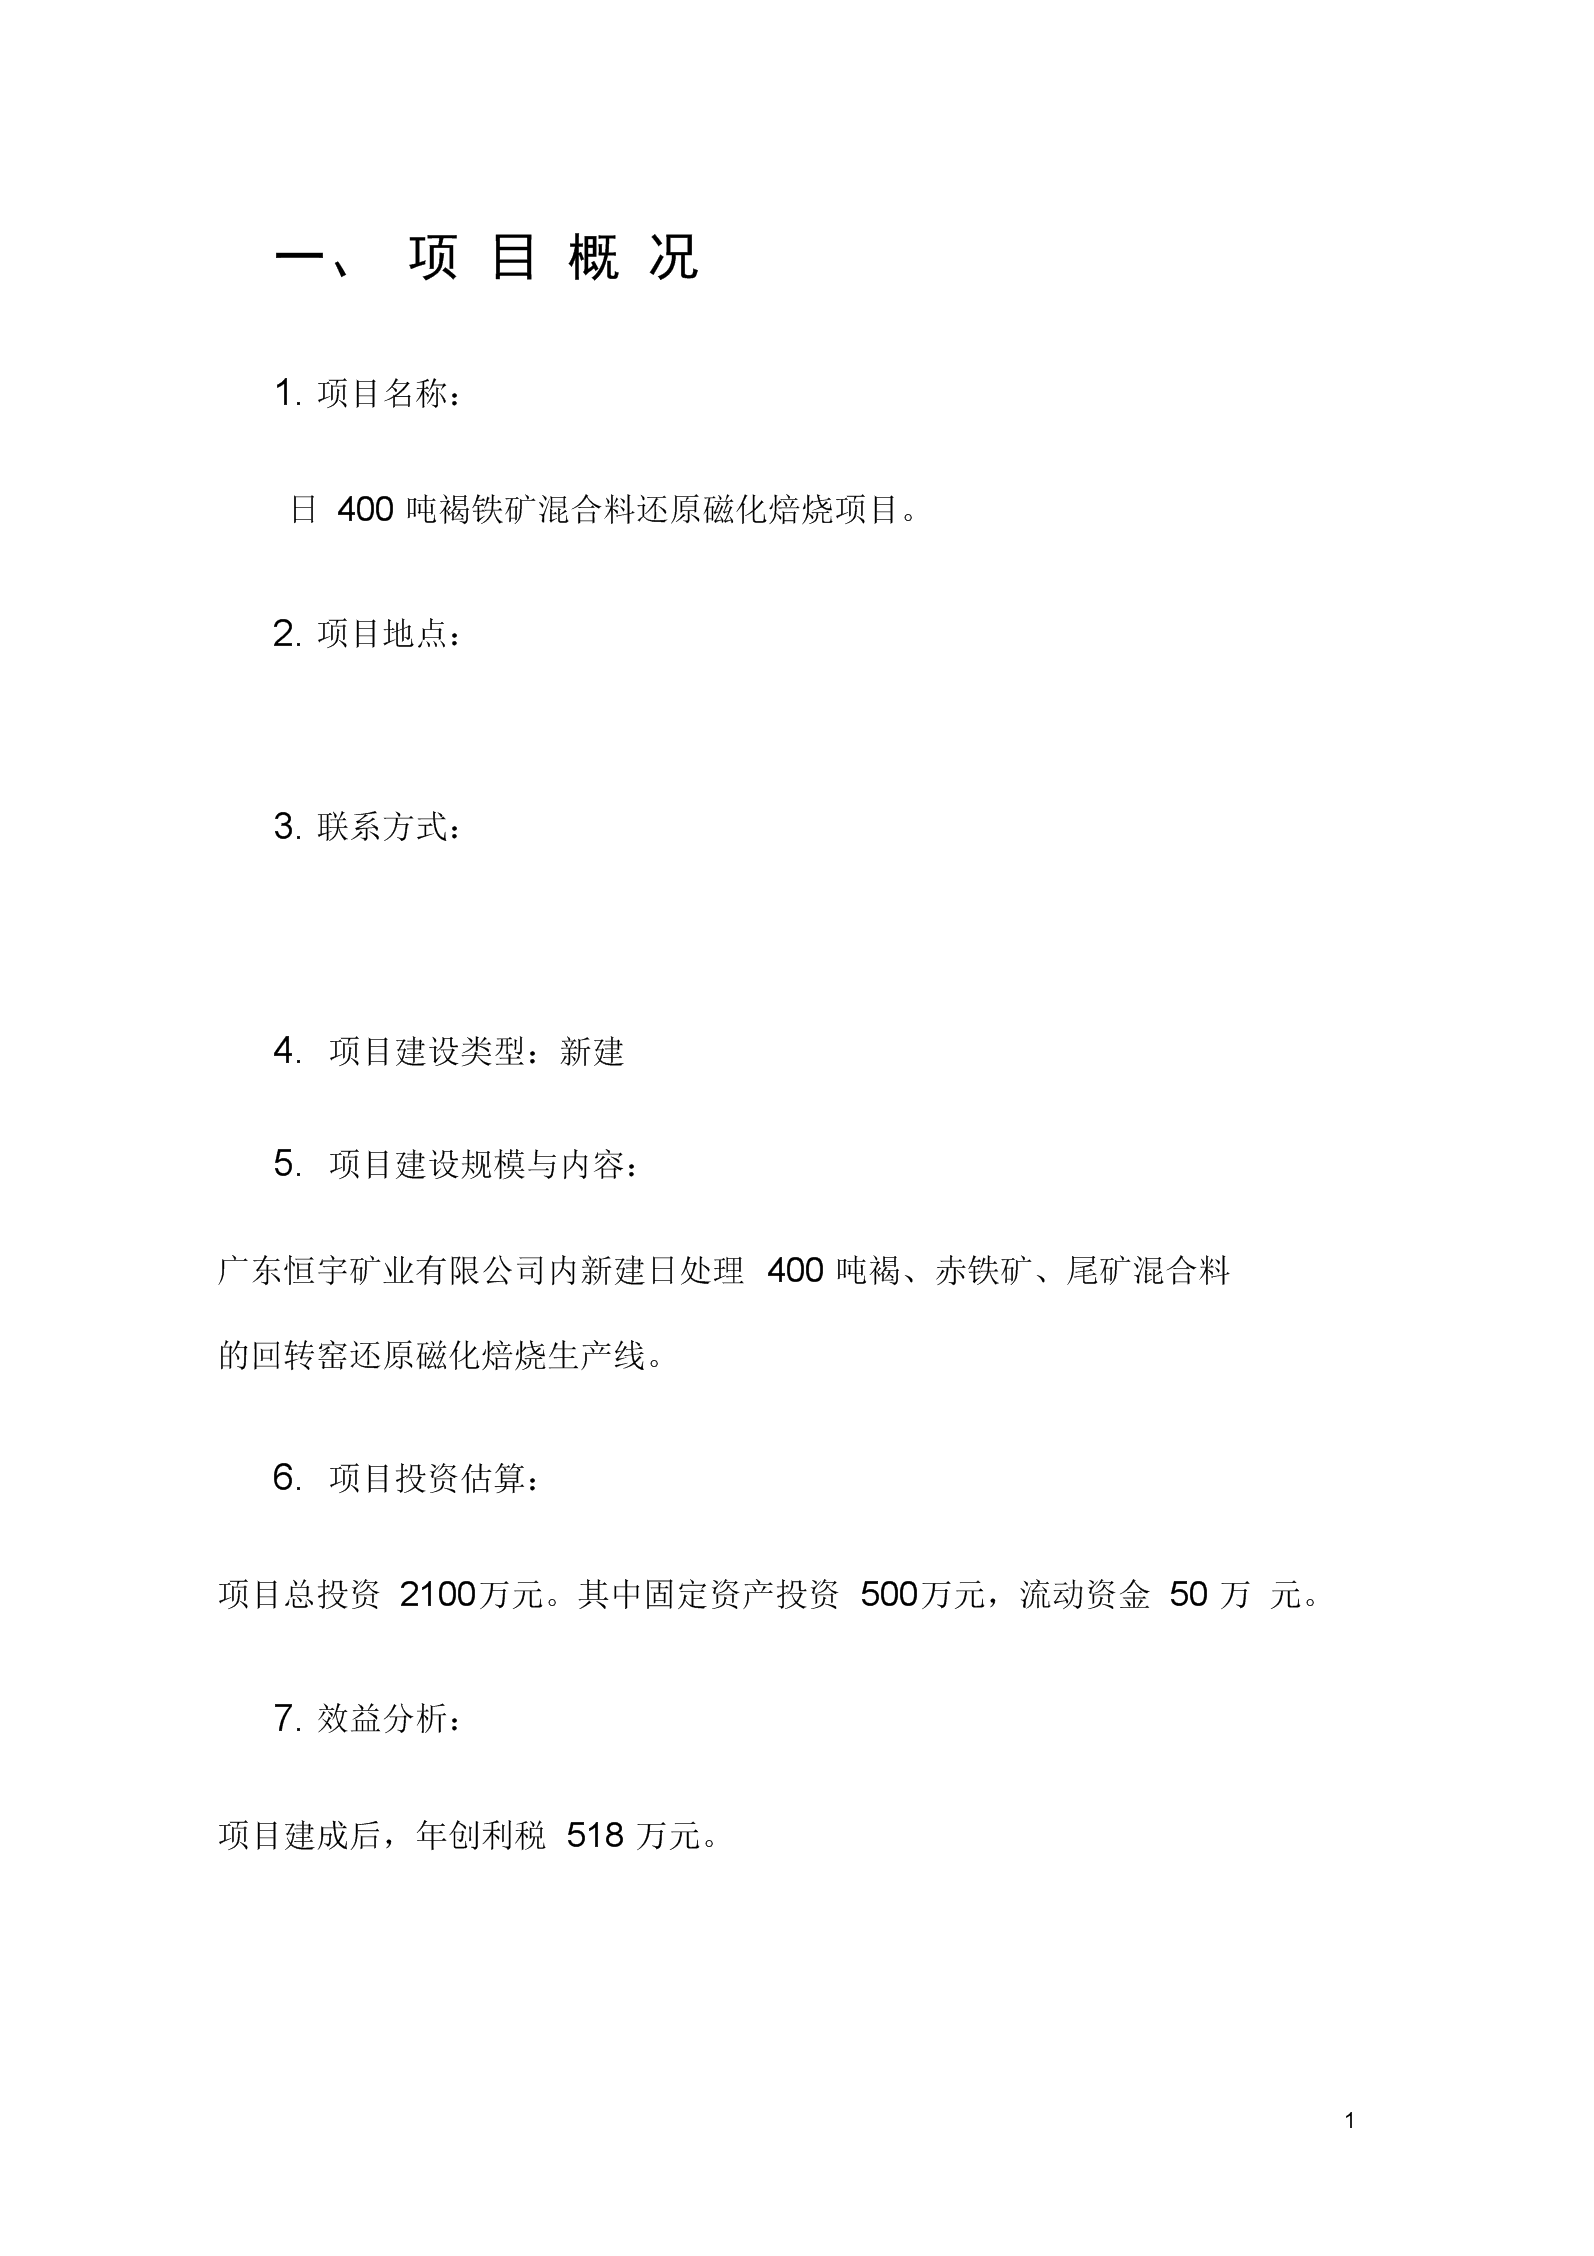 日400吨褐铁矿混合料还原磁化焙烧项目可行性研究报告(20201120024718).docx